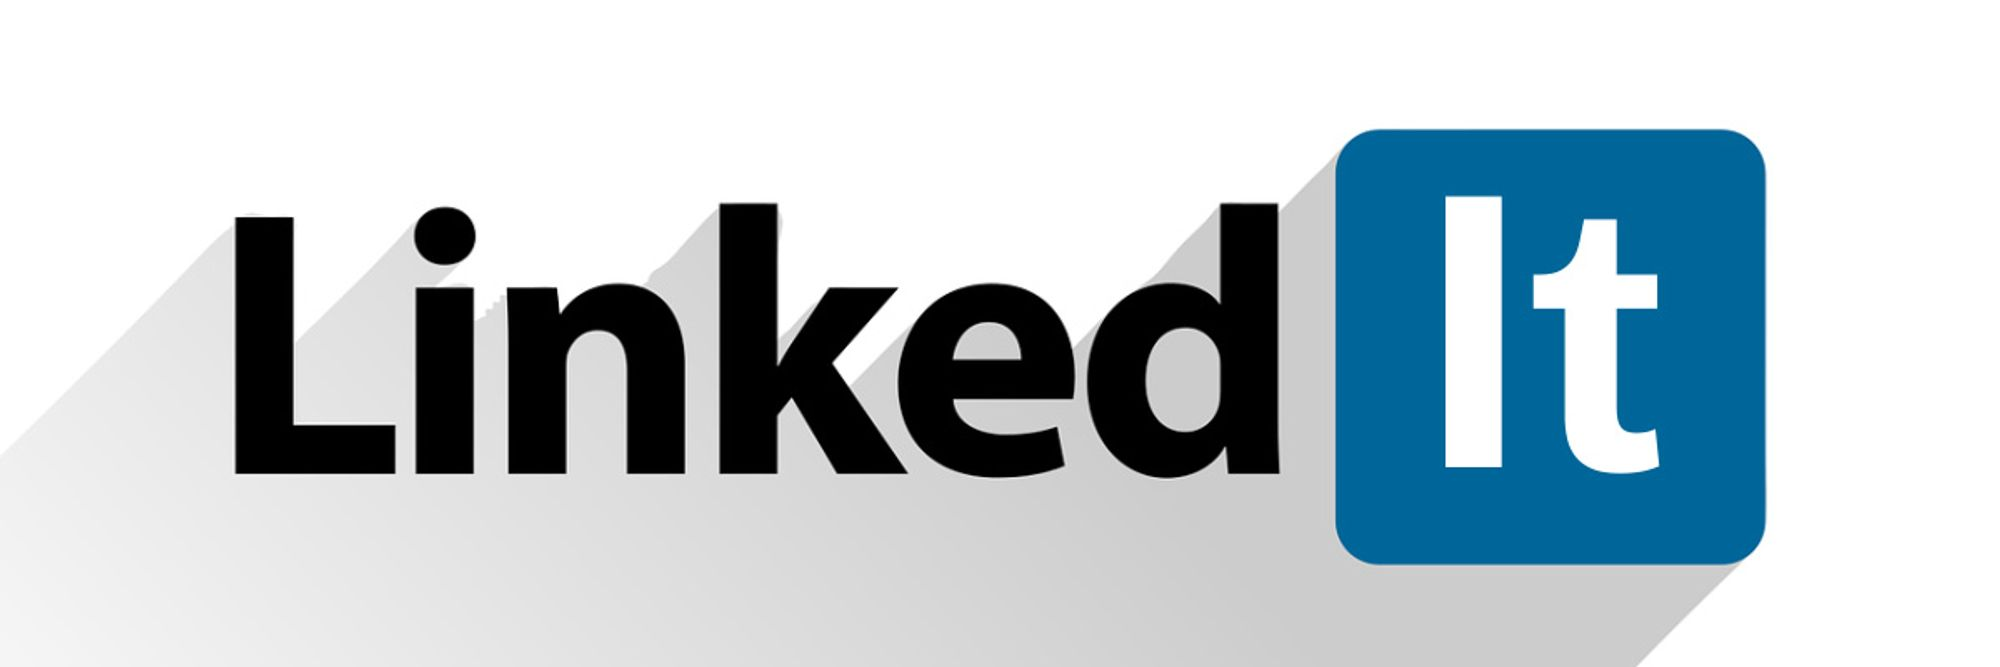 Falska varumärken på Linkedin